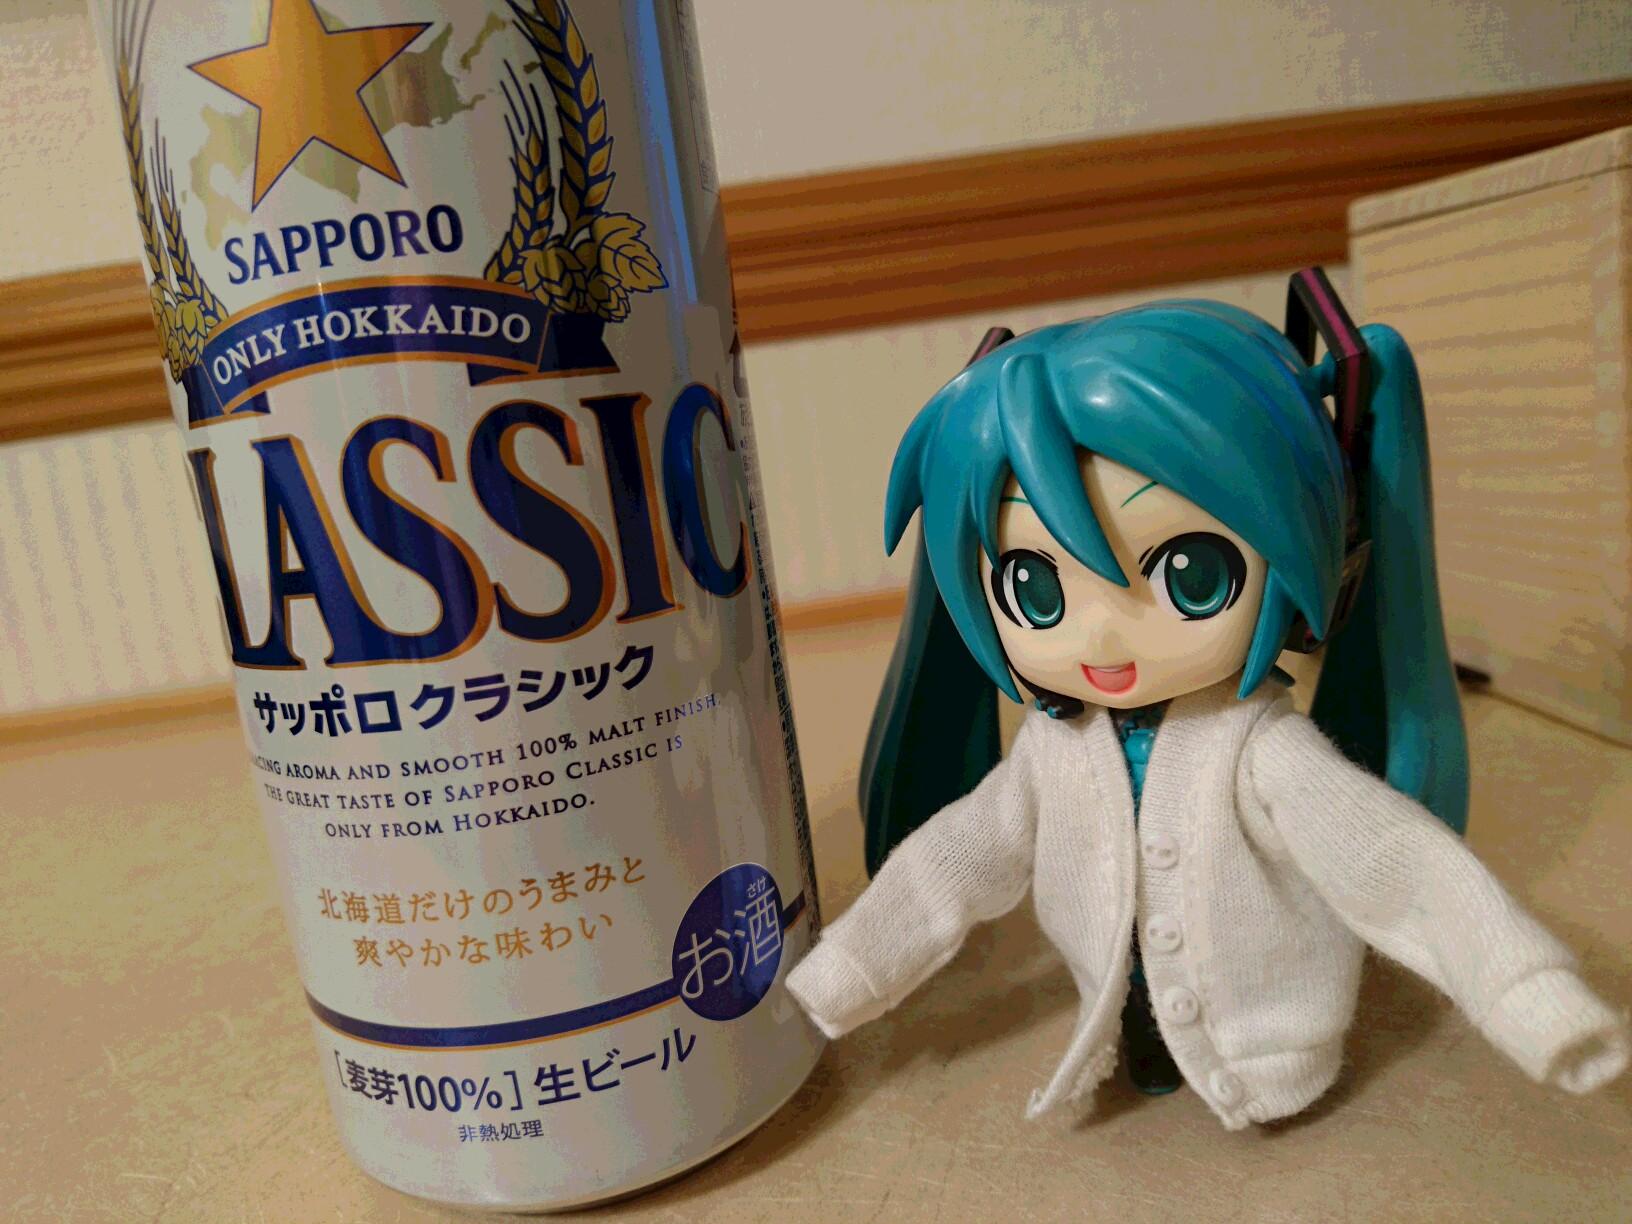 札幌はクラシック。